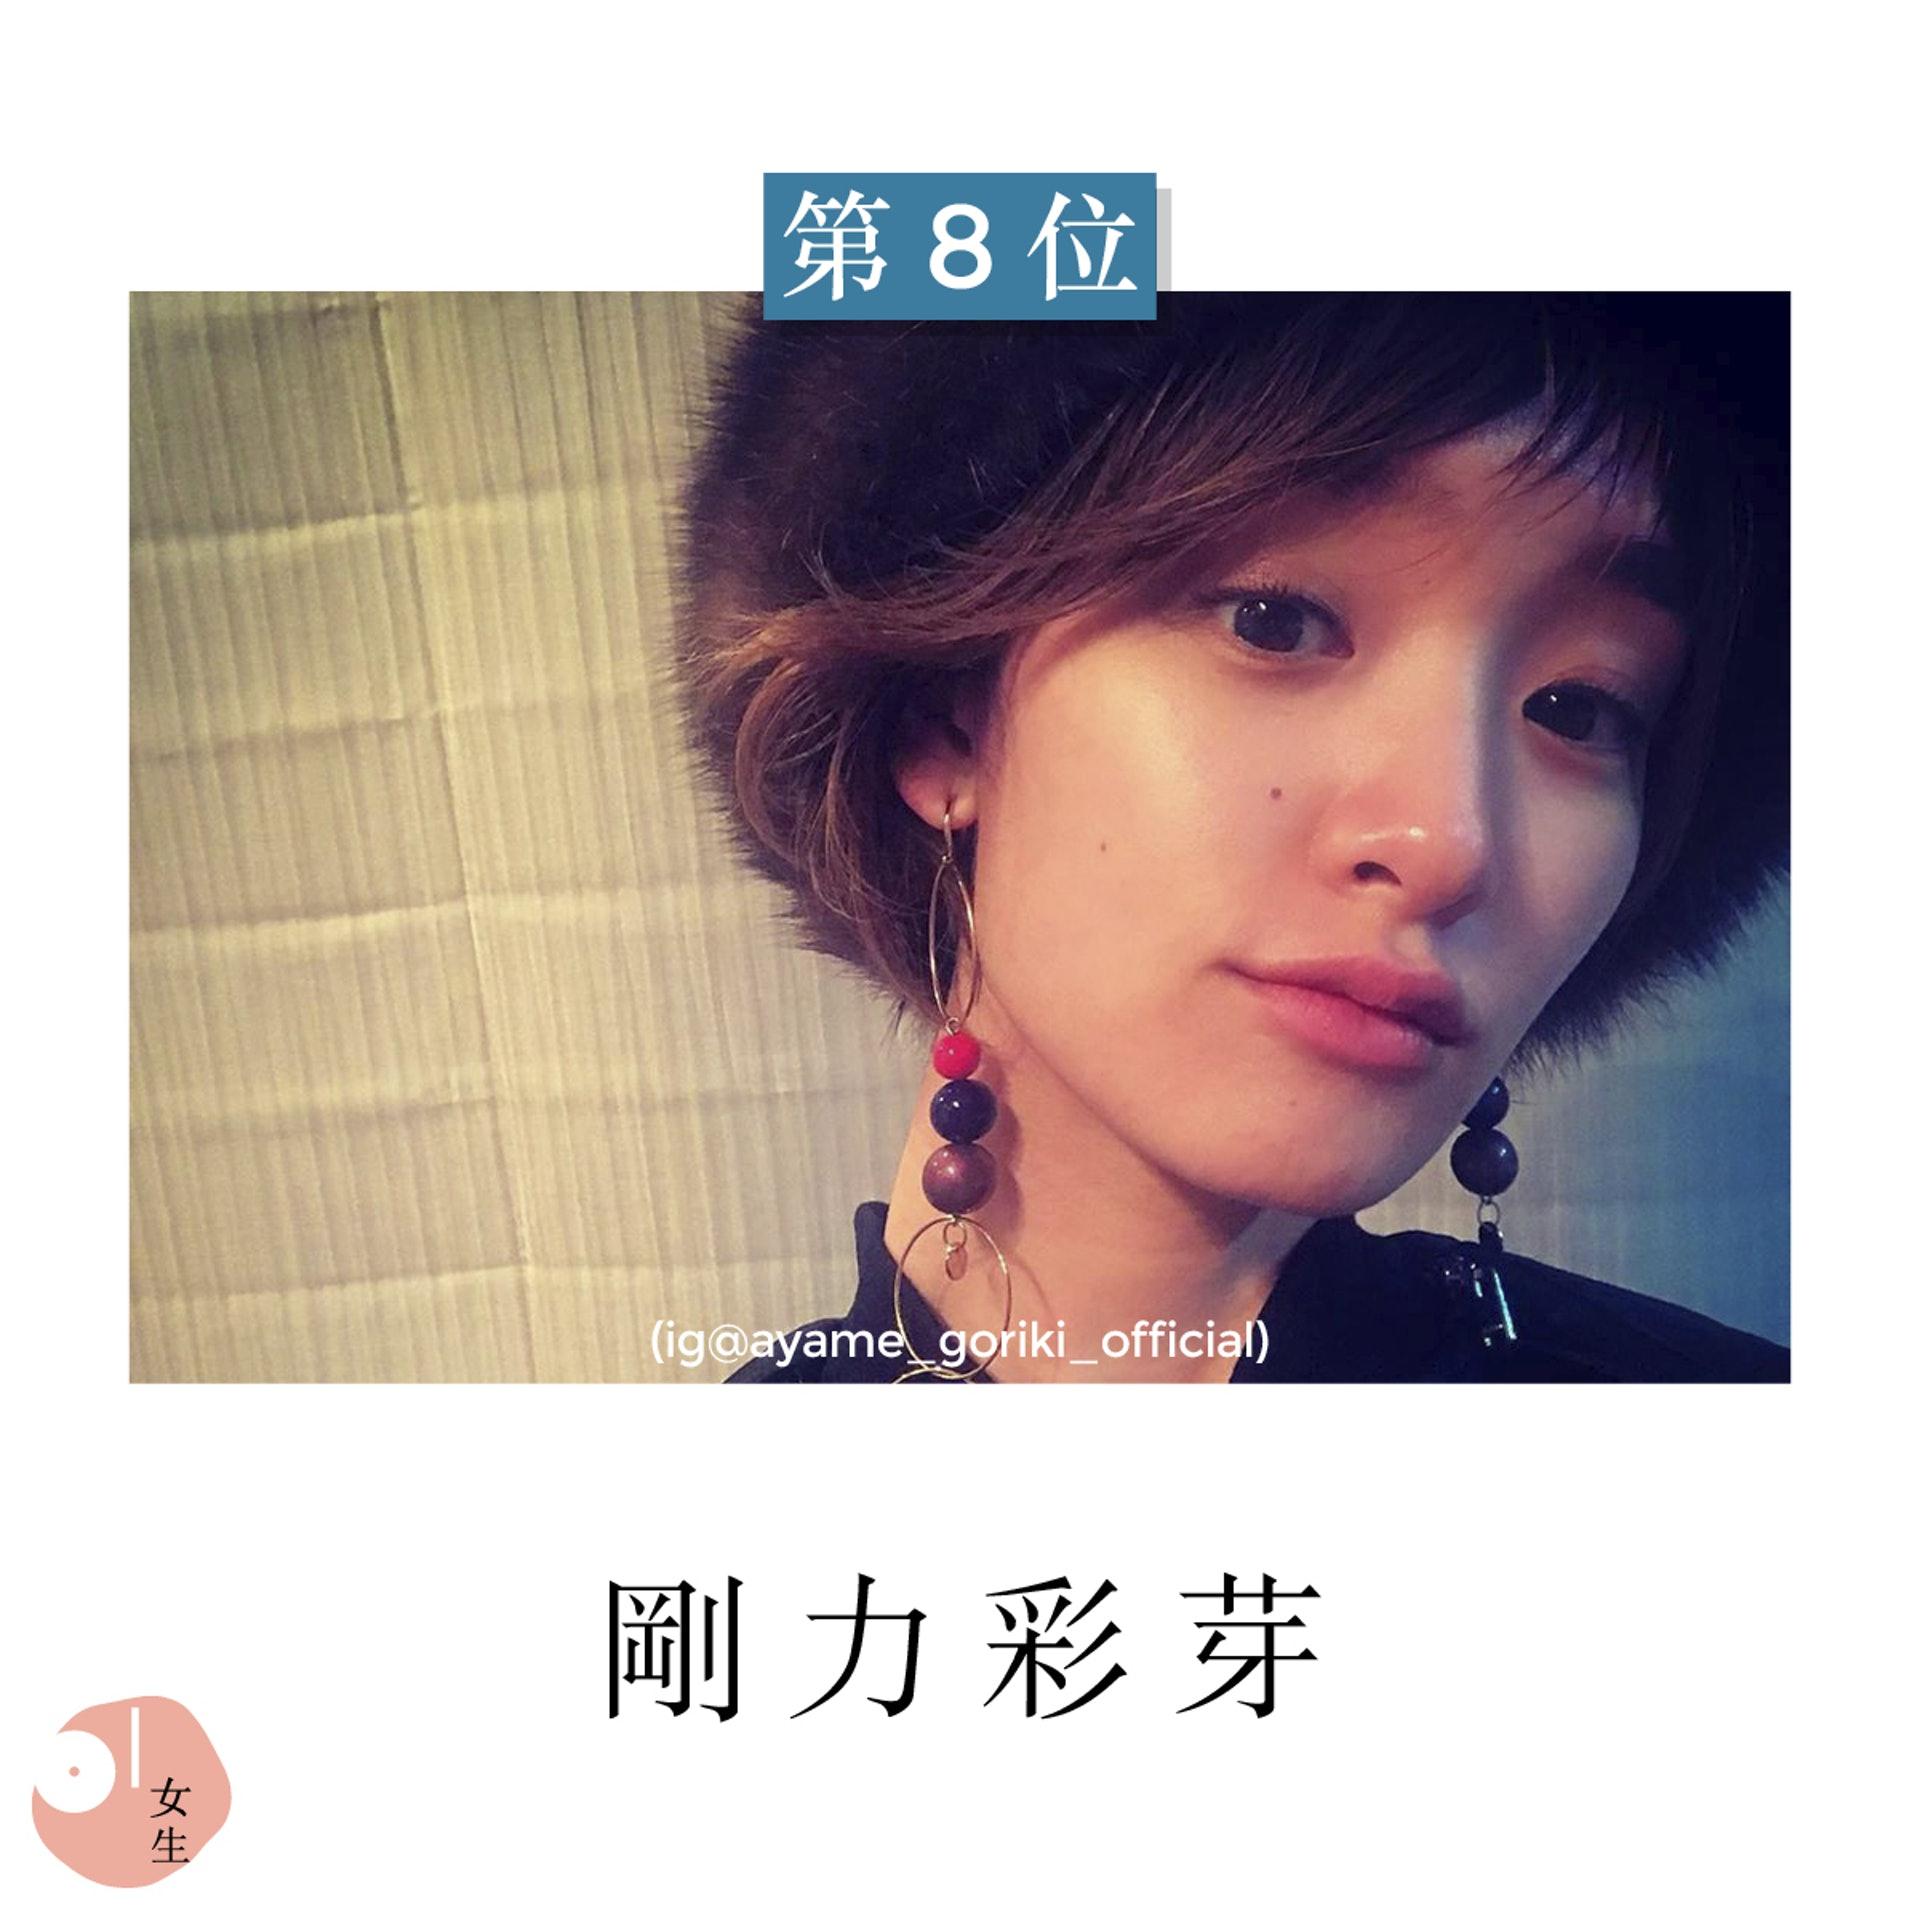 第8位:剛力彩芽 (ig@ayame_goriki_official)